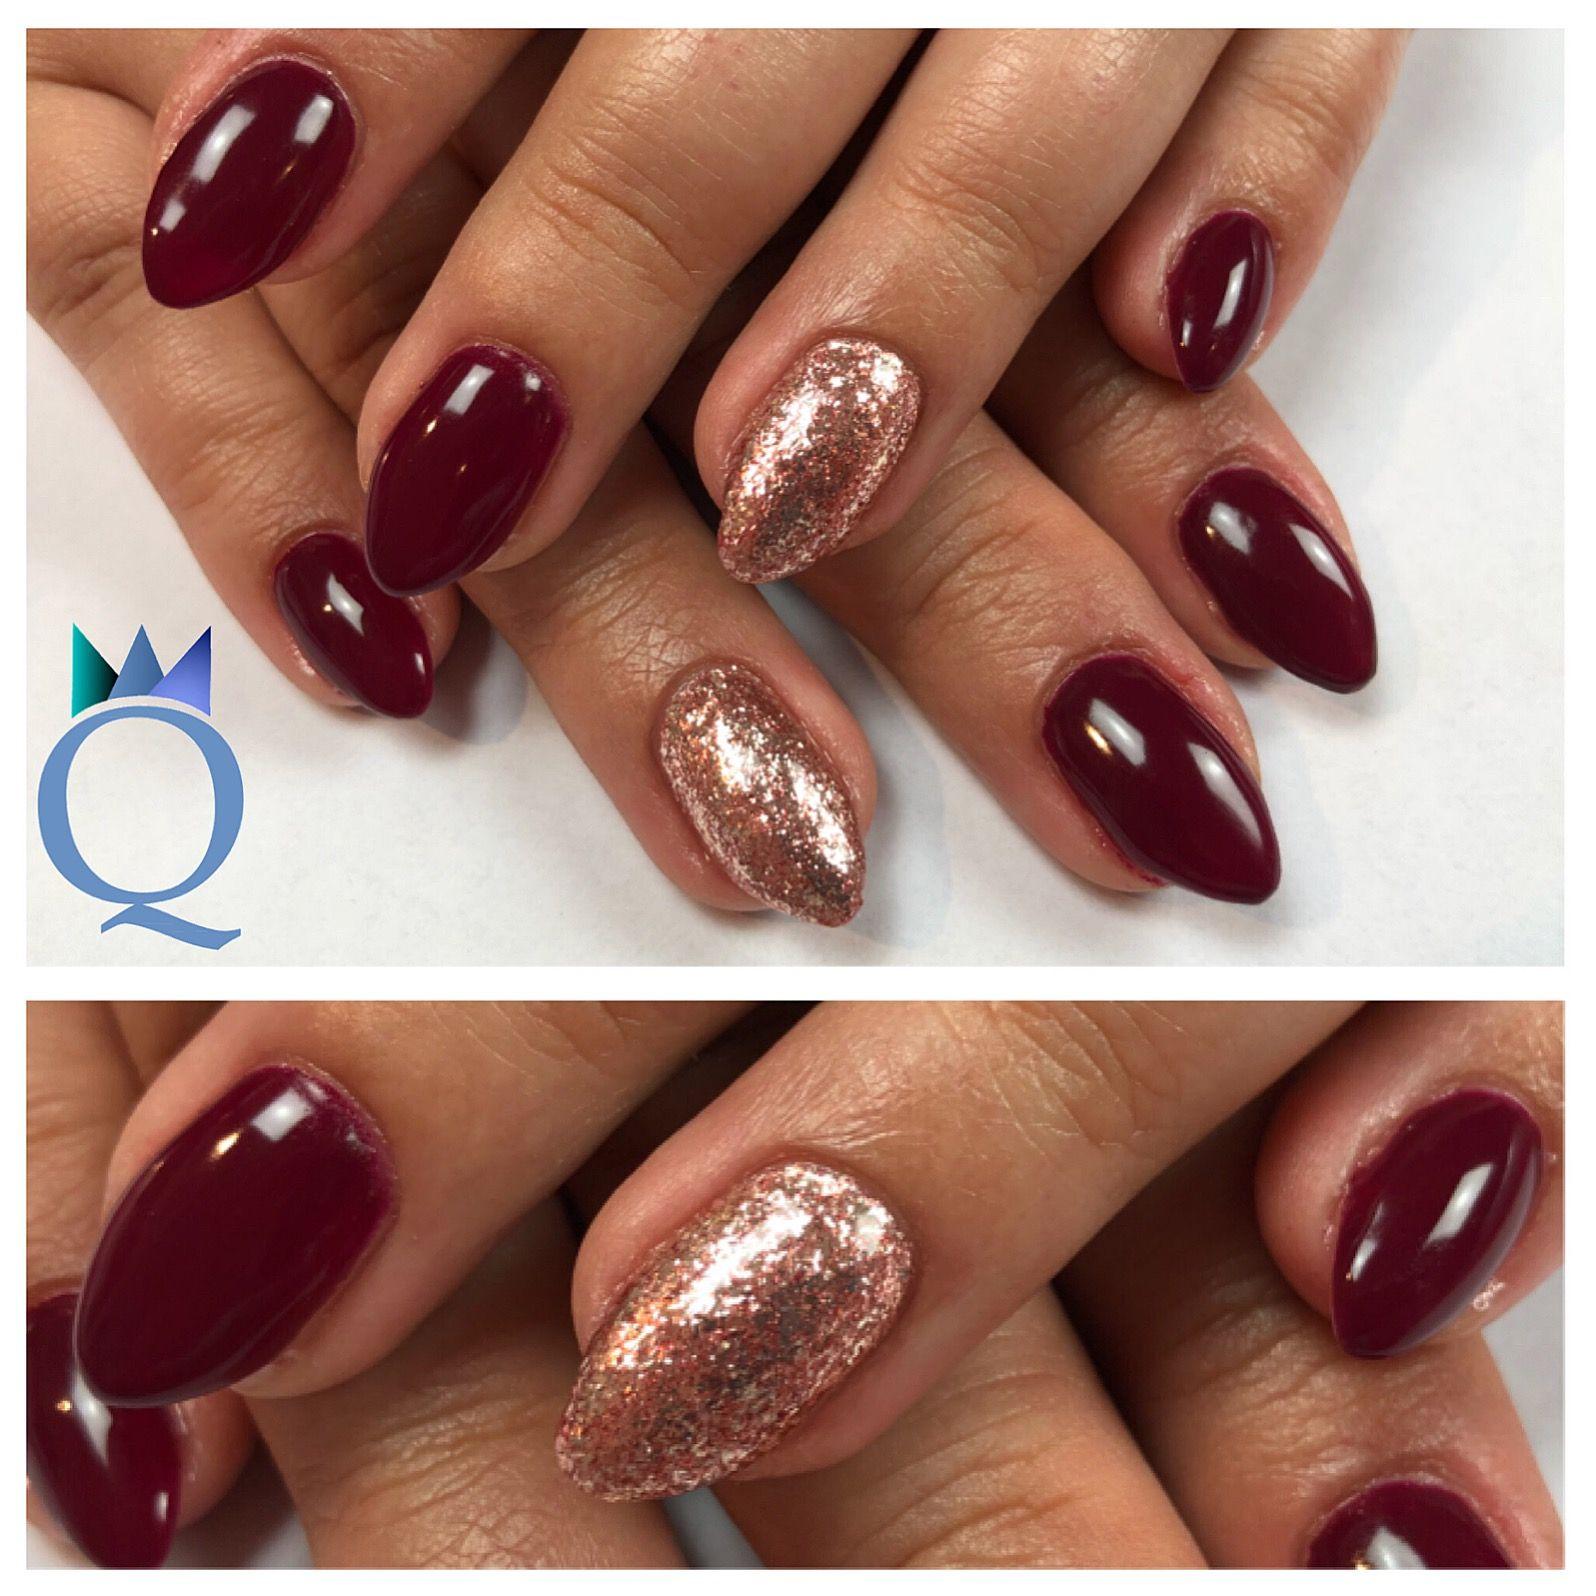 almondnails #gelnails #nails #red #rosegold #glitter #mandelform ...